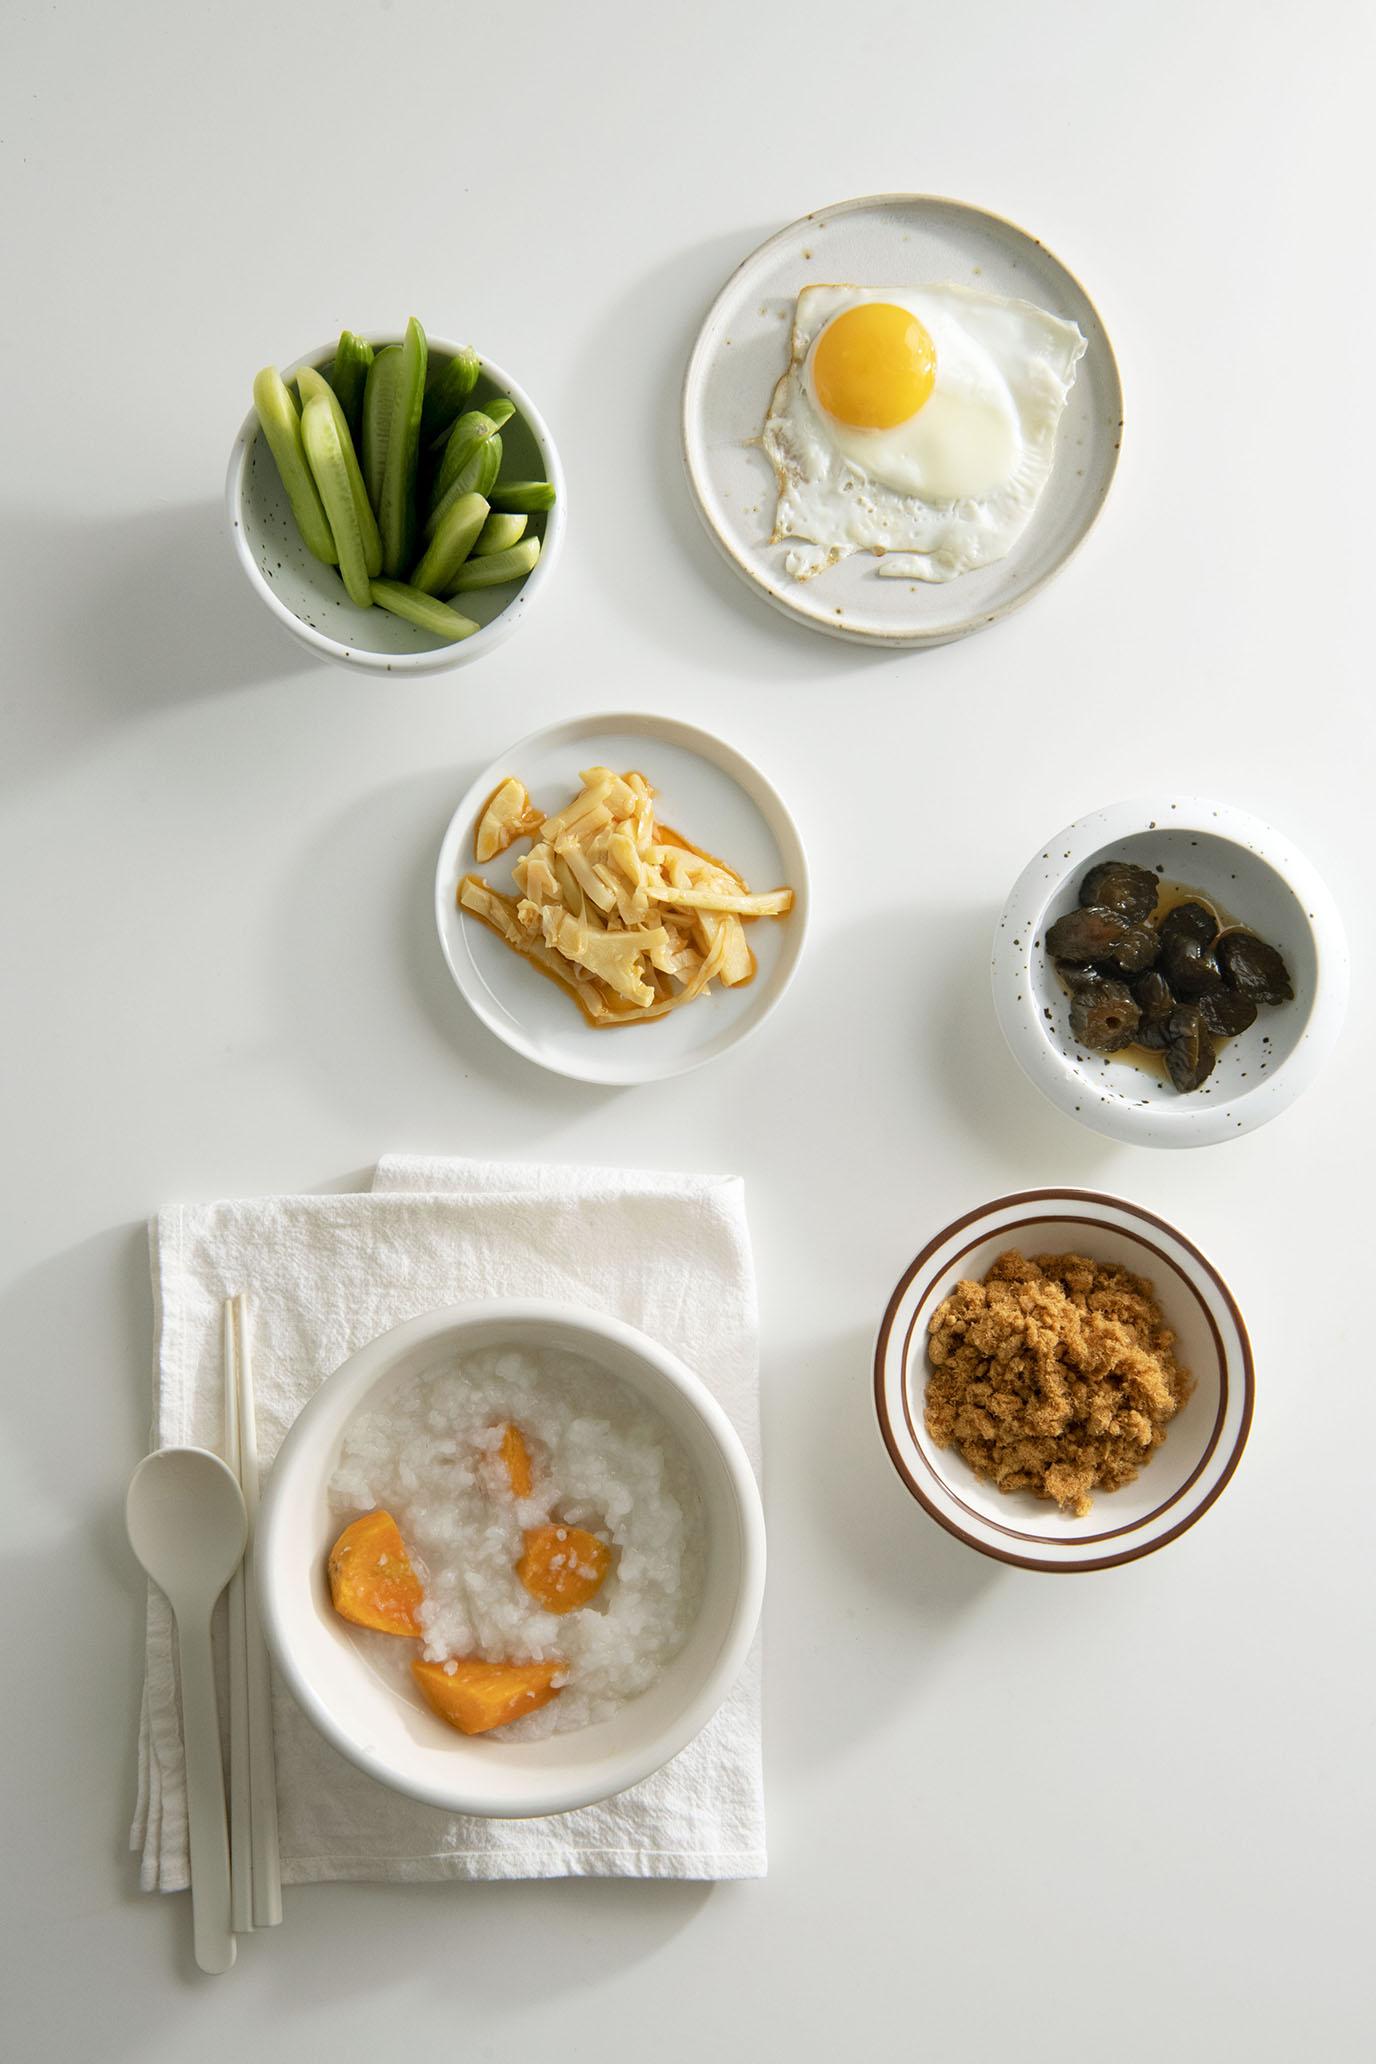 是一人滿足,兩人剛好,有時三人吃得精巧熱鬧|CLAIRE mini cooker 電子鍋